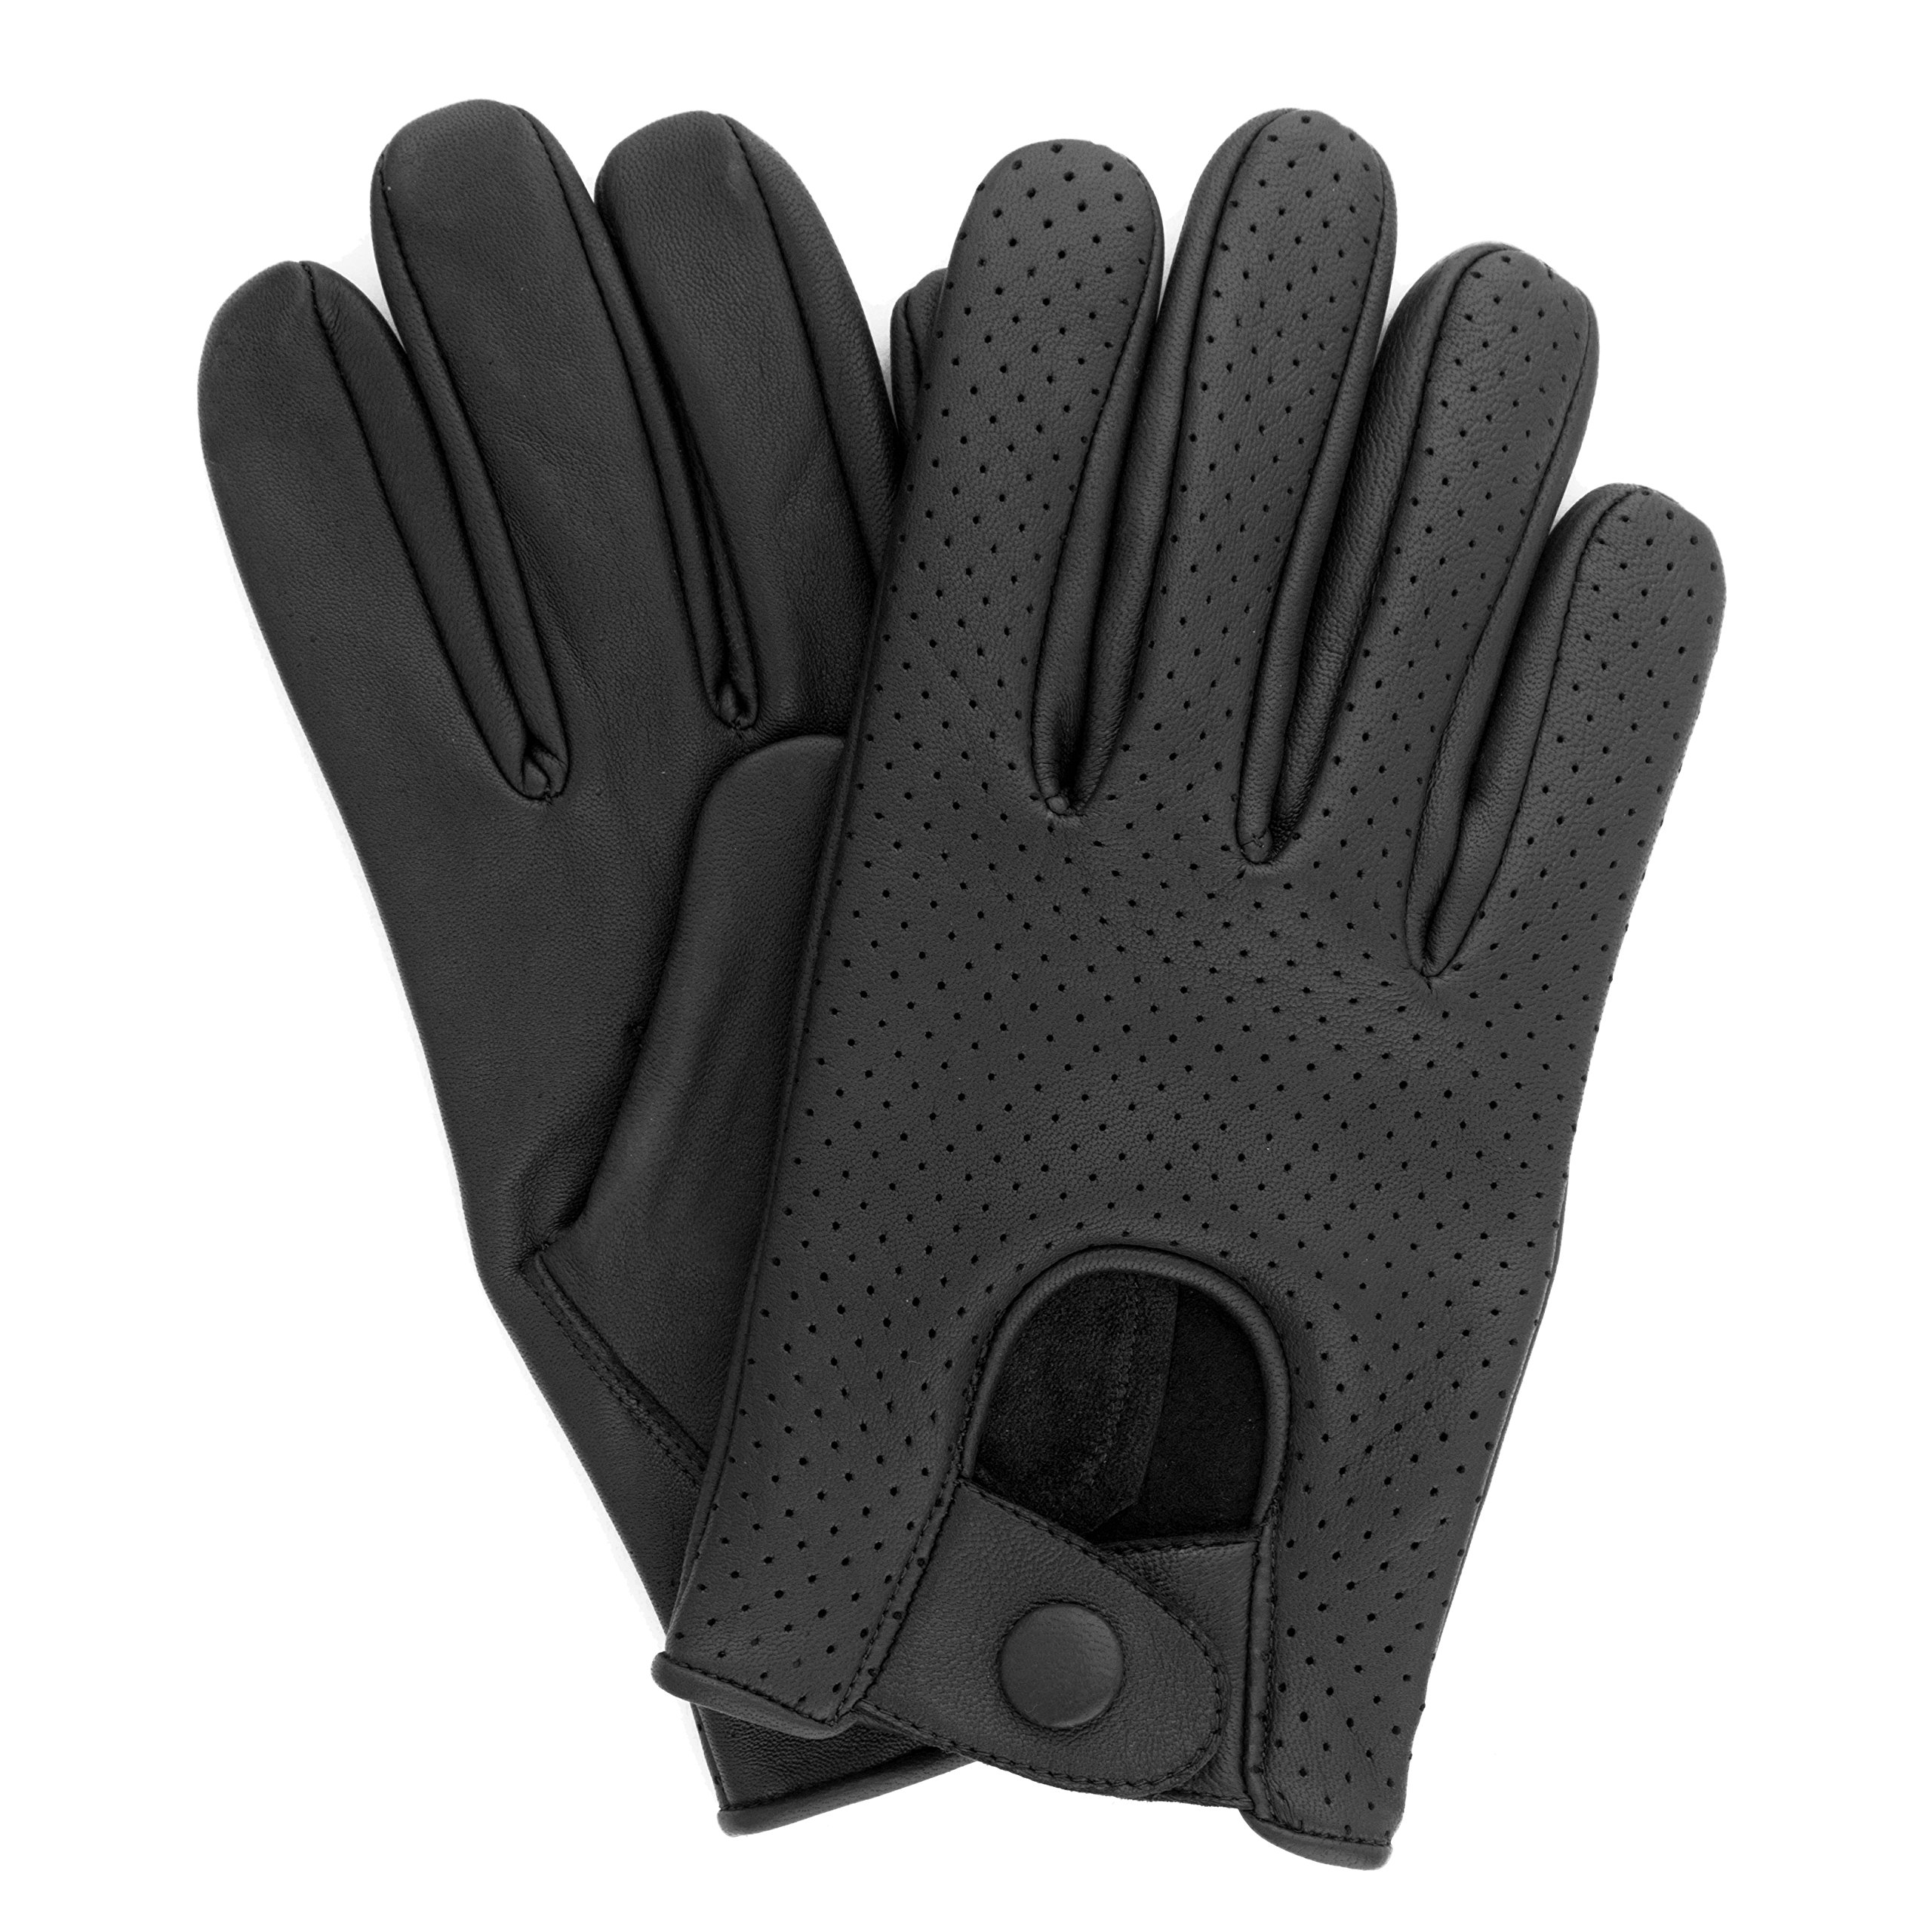 Swift Wears Men's Lambskin Leather Driving Gloves Black Chauffeur (Medium)